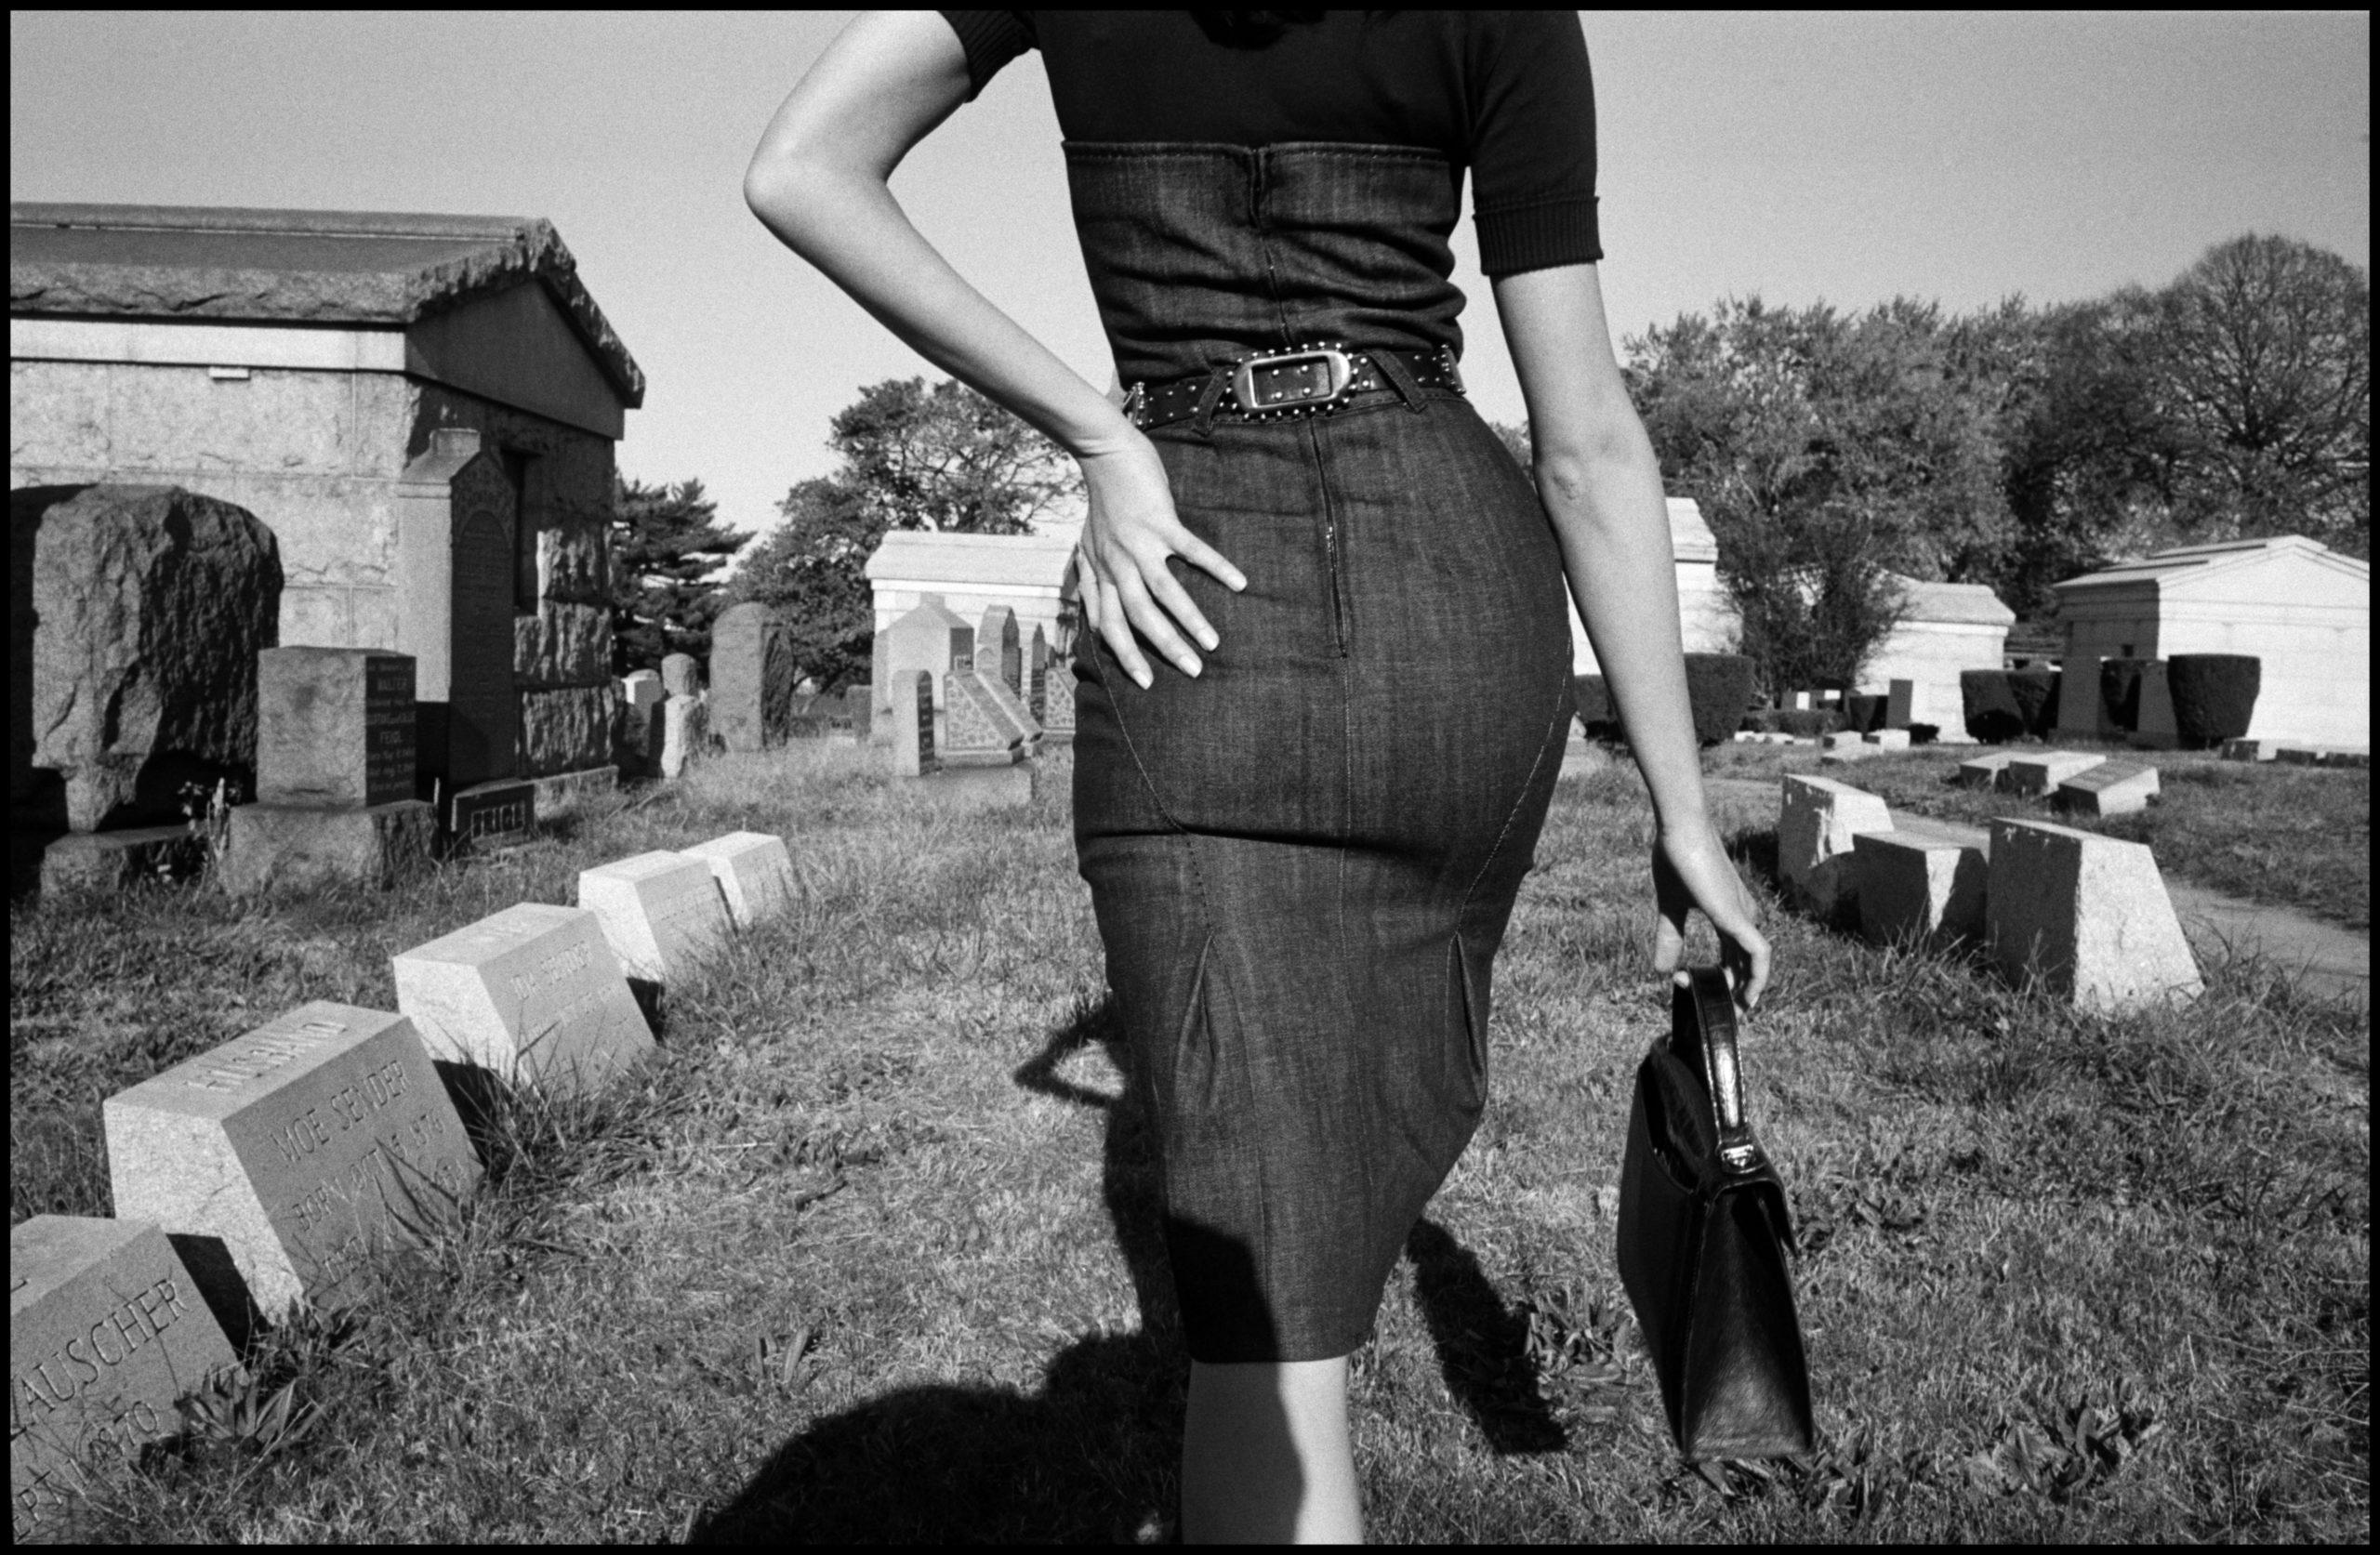 Magnum: El cuerpo observado - Fundación Canal